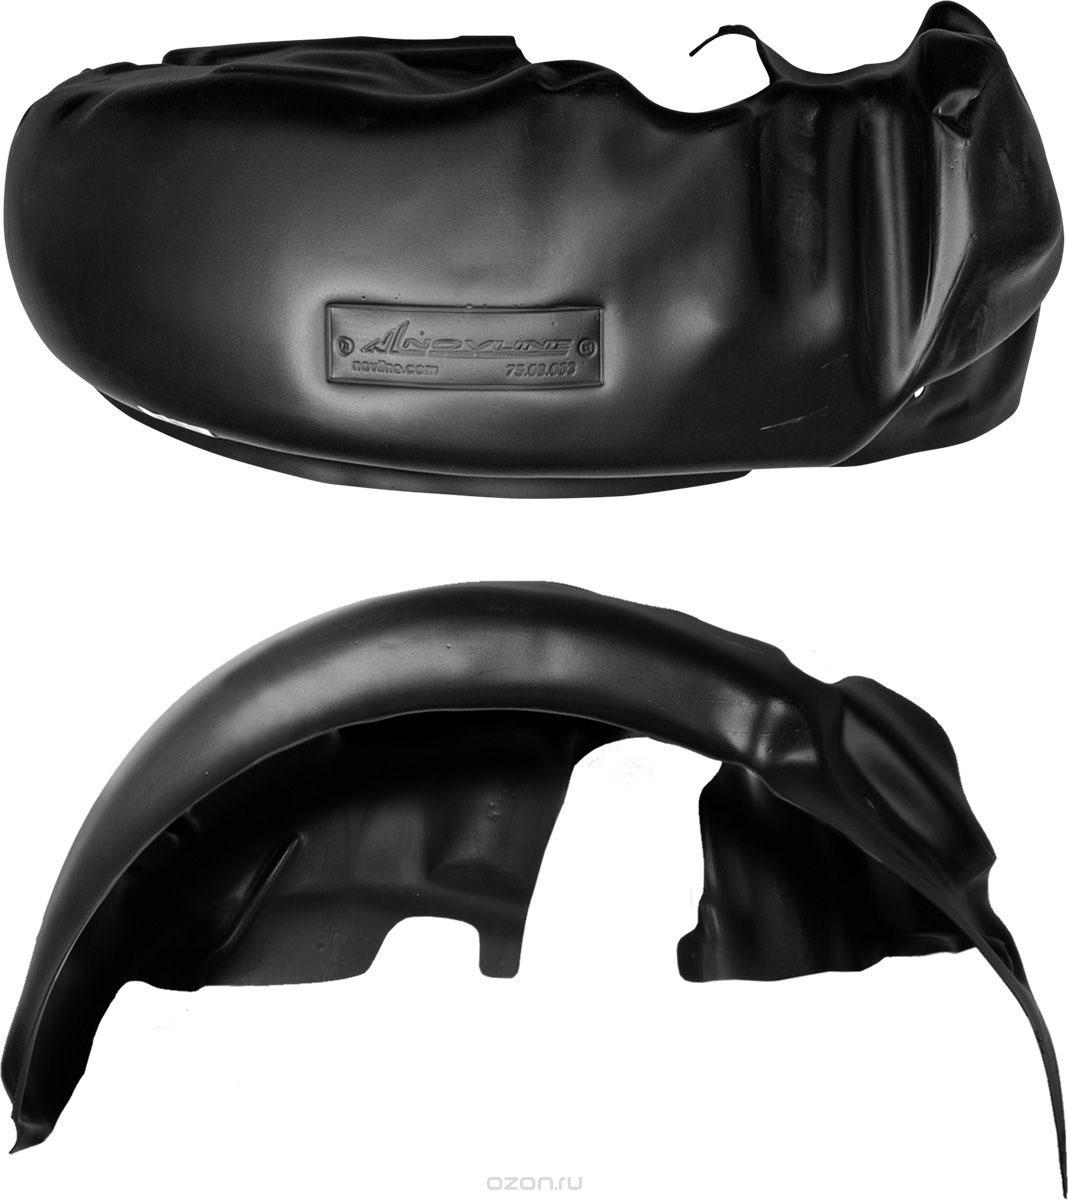 Подкрылок Novline-Autofamily, для CITROEN Jumper 2006-> с расширителями арок, передний правый234100Идеальная защита колесной ниши. Локеры разработаны с применением цифровых технологий, гарантируют максимальную повторяемость поверхности арки. Изделия устанавливаются без нарушения лакокрасочного покрытия автомобиля, каждый подкрылок комплектуется крепежом. Уважаемые клиенты, обращаем ваше внимание, что фотографии на подкрылки универсальные и не отражают реальную форму изделия. При этом само изделие идет точно под размер указанного автомобиля.